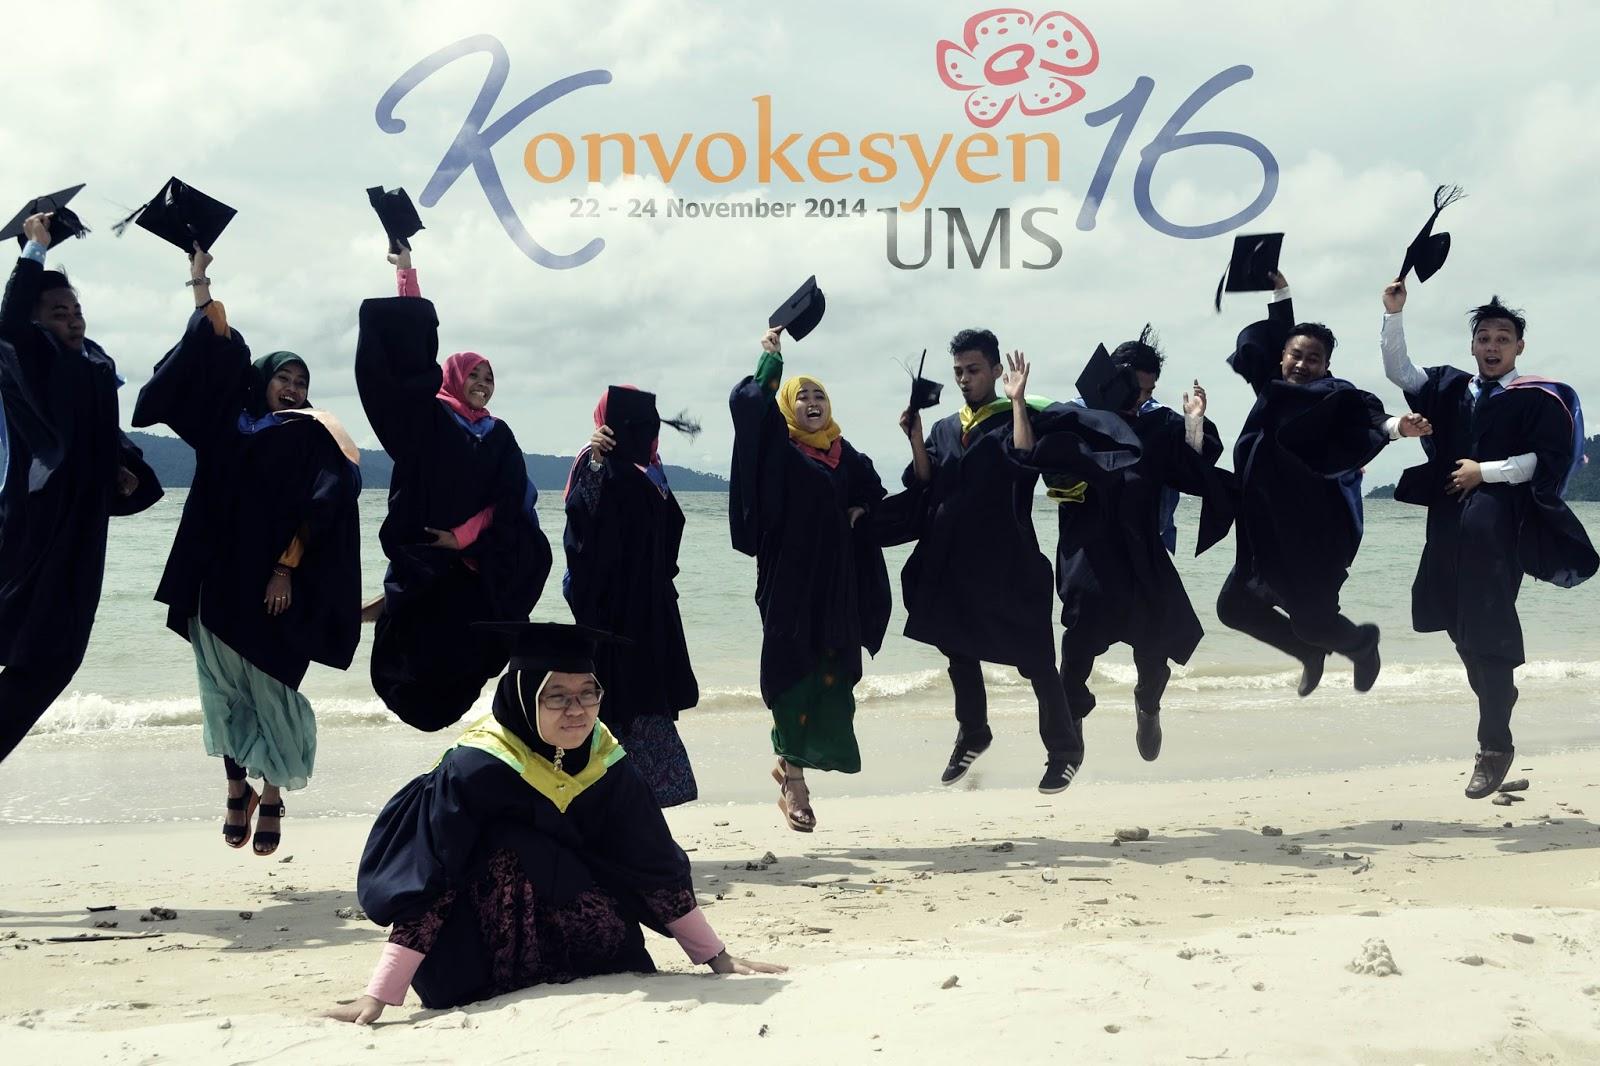 Konvokesyen UMS 16